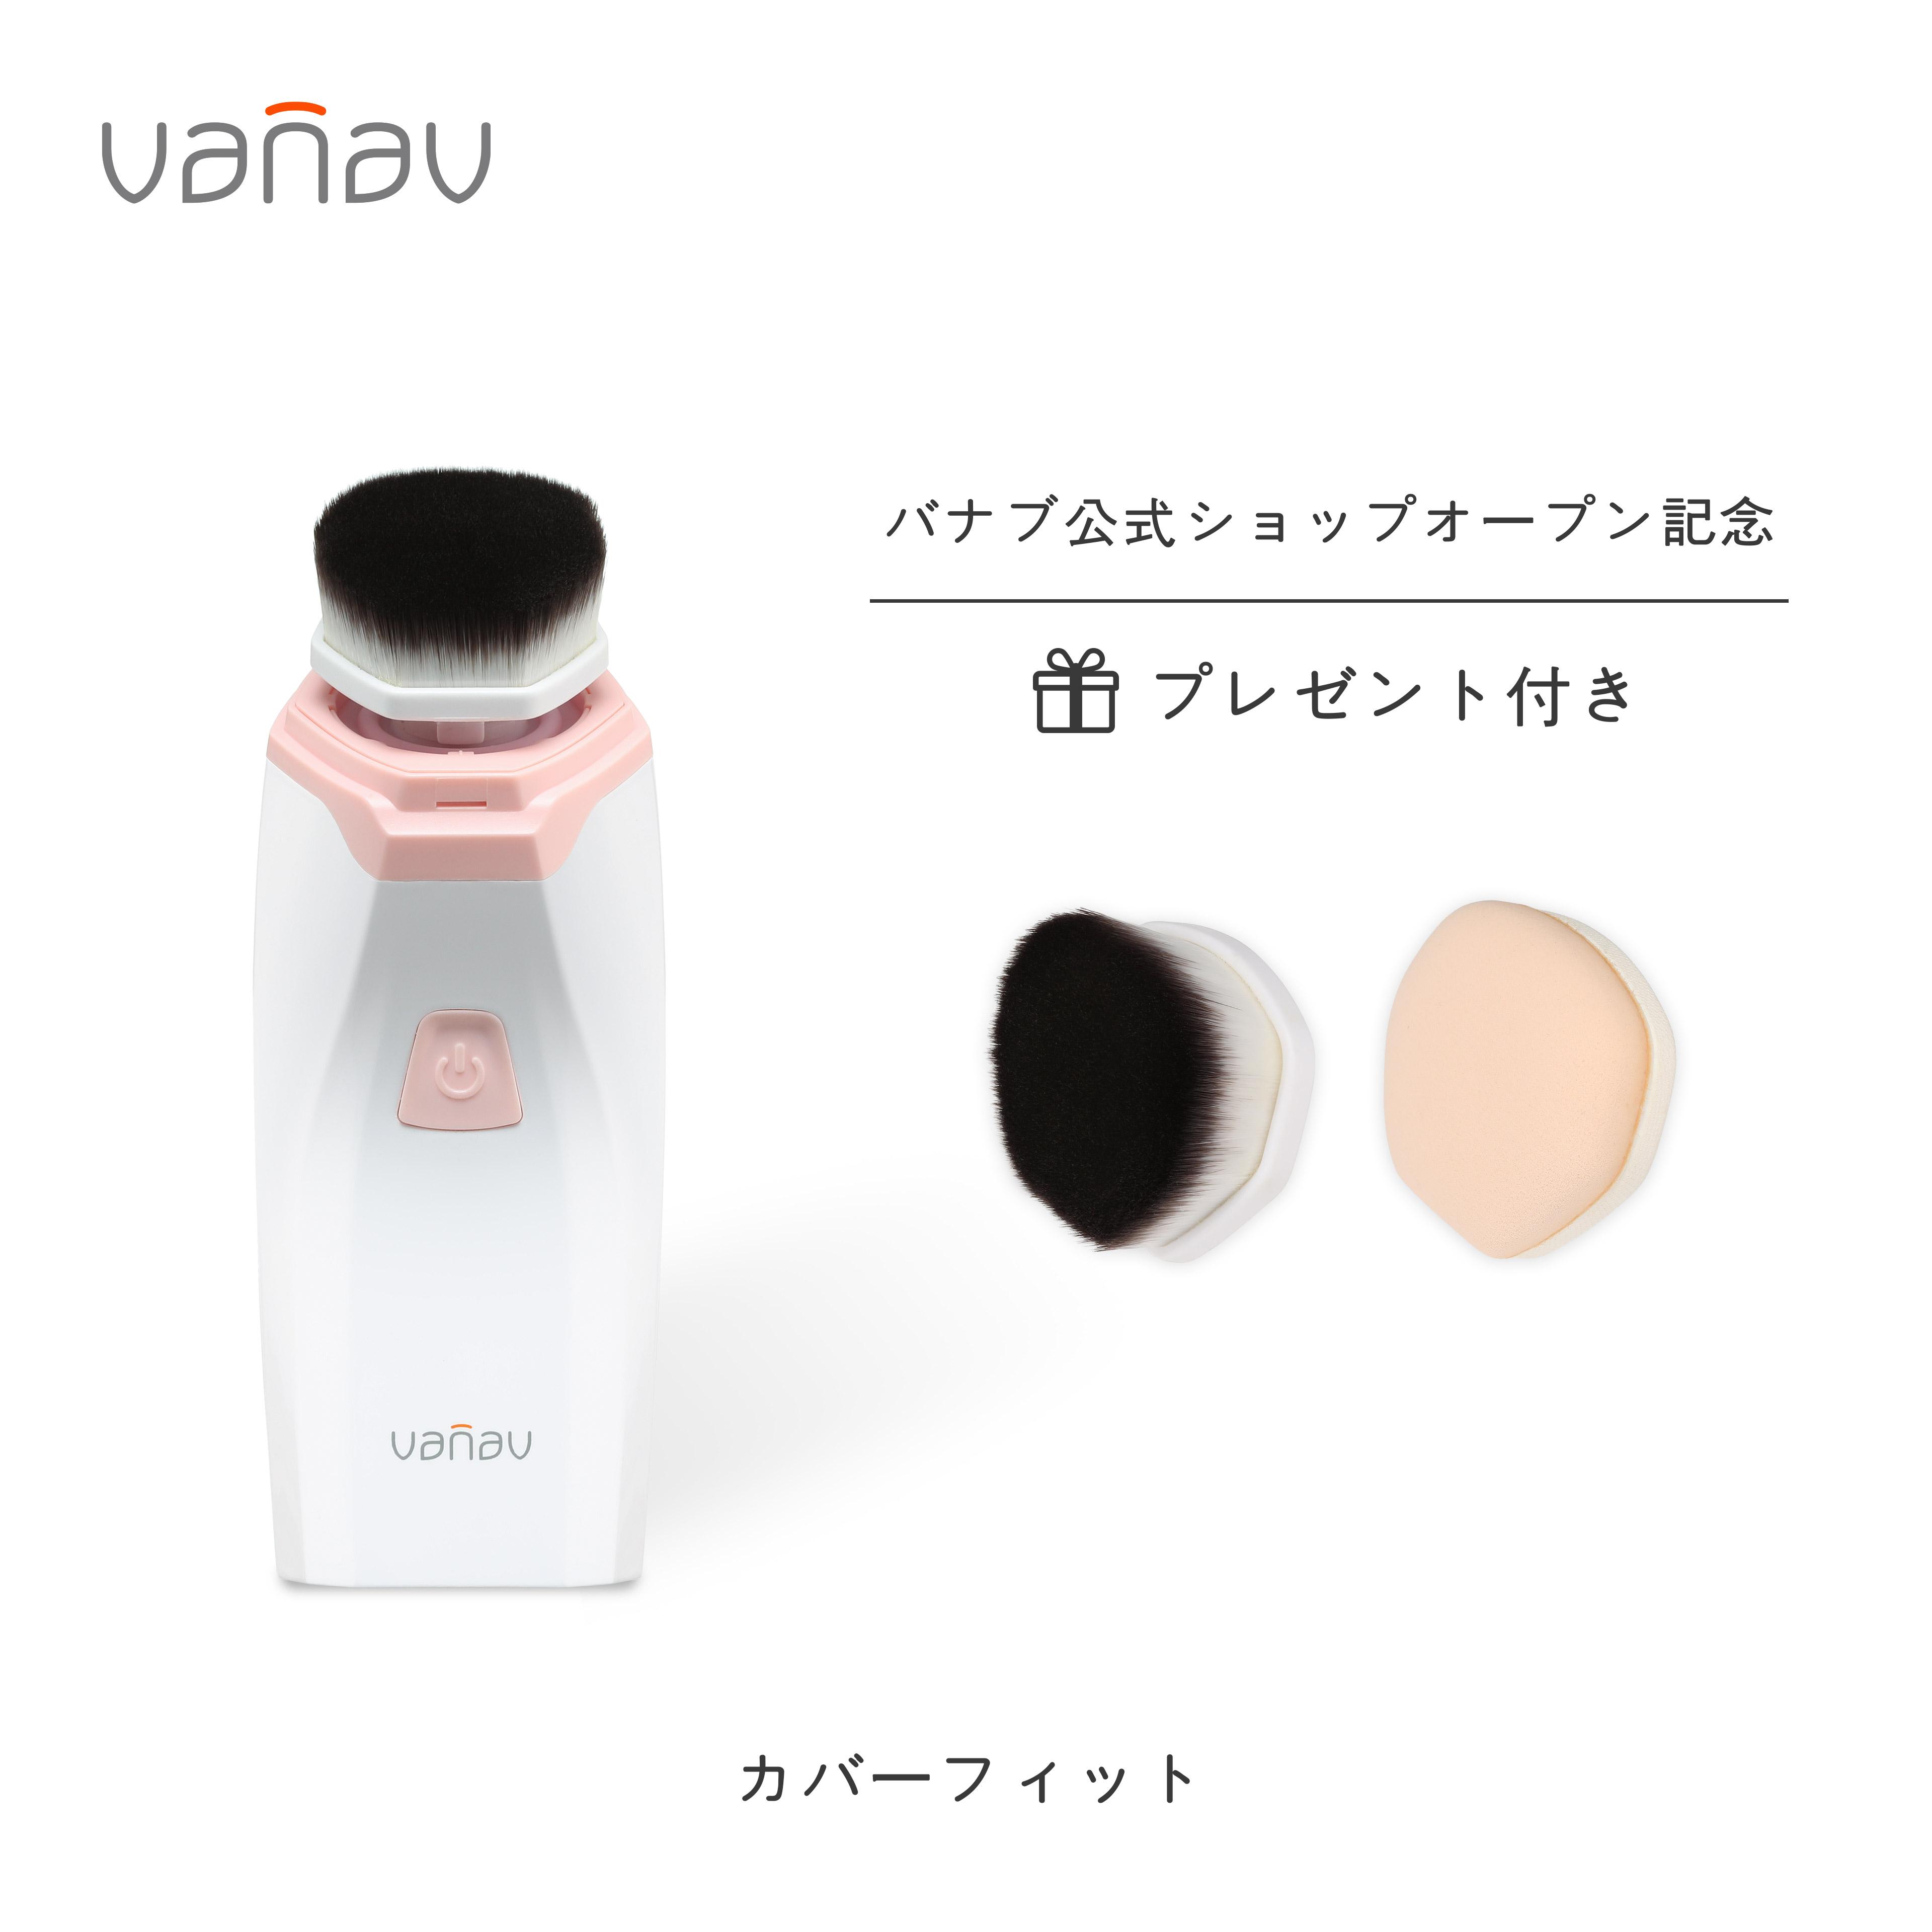 VANAV公式ショップ VANAV バナブ Cover 再再販 Fit カバーフィット 人気激安 パフ 3D振動 メイクアップブラシ